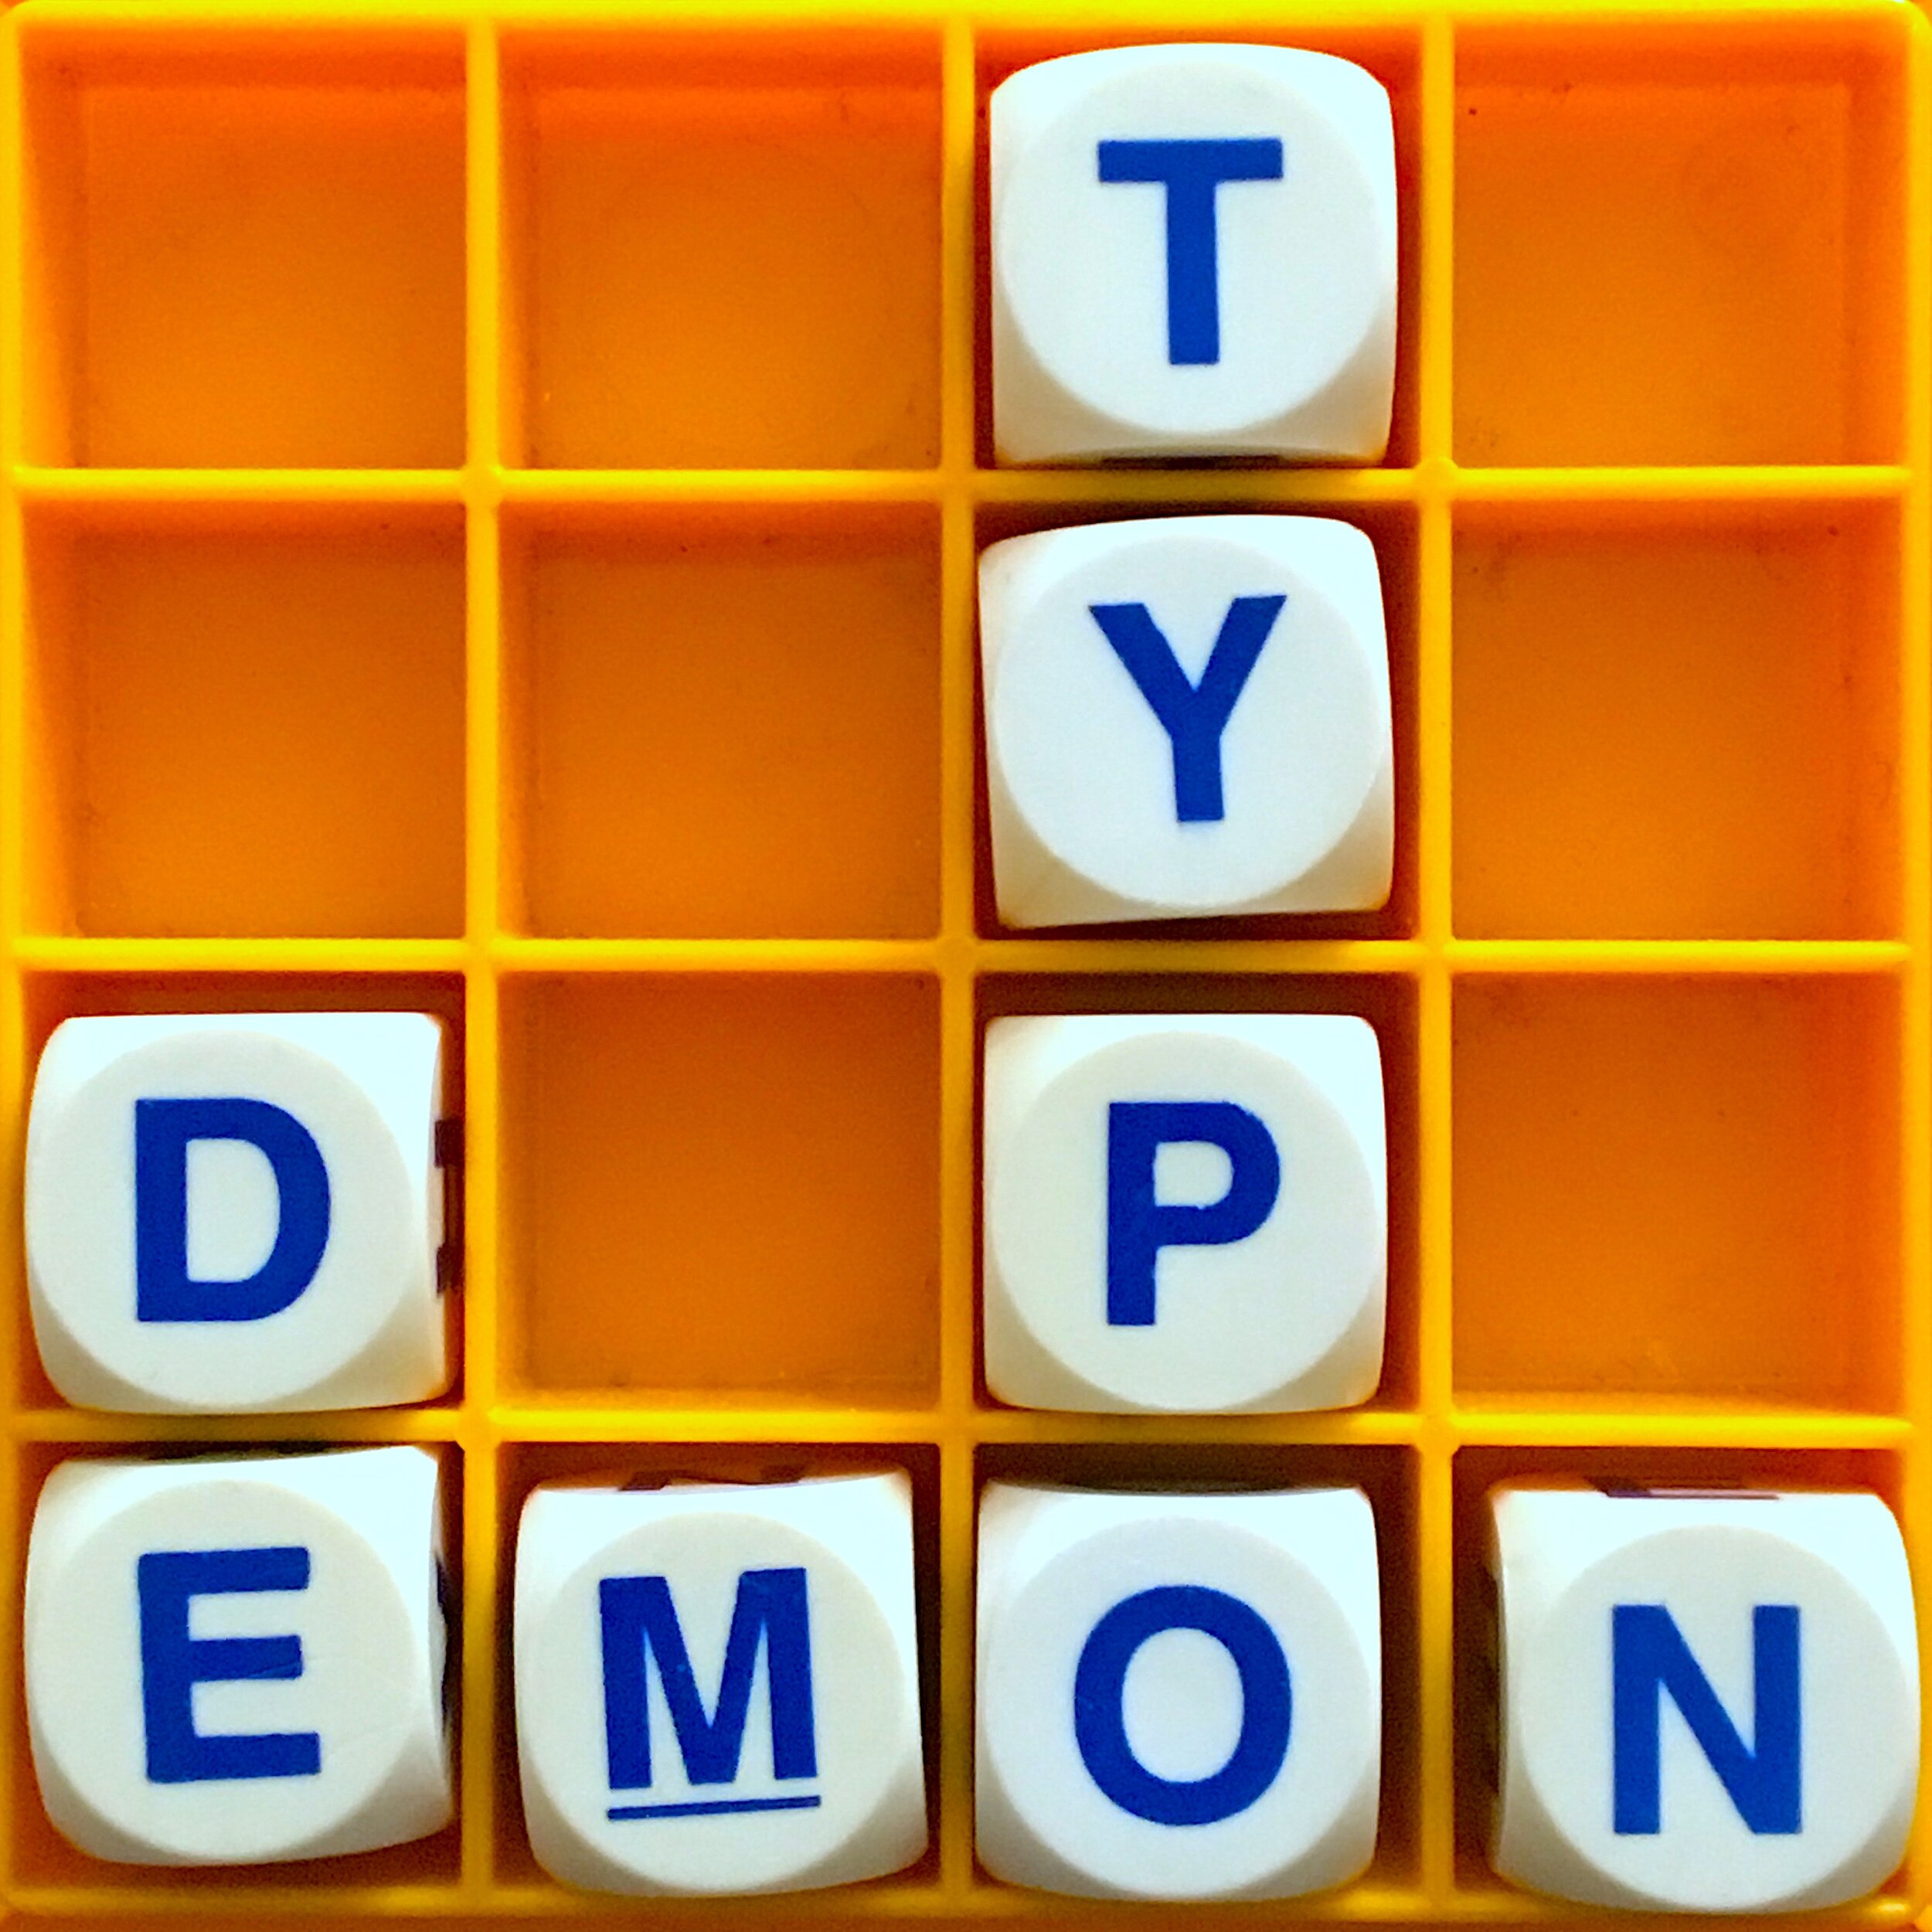 typo demon